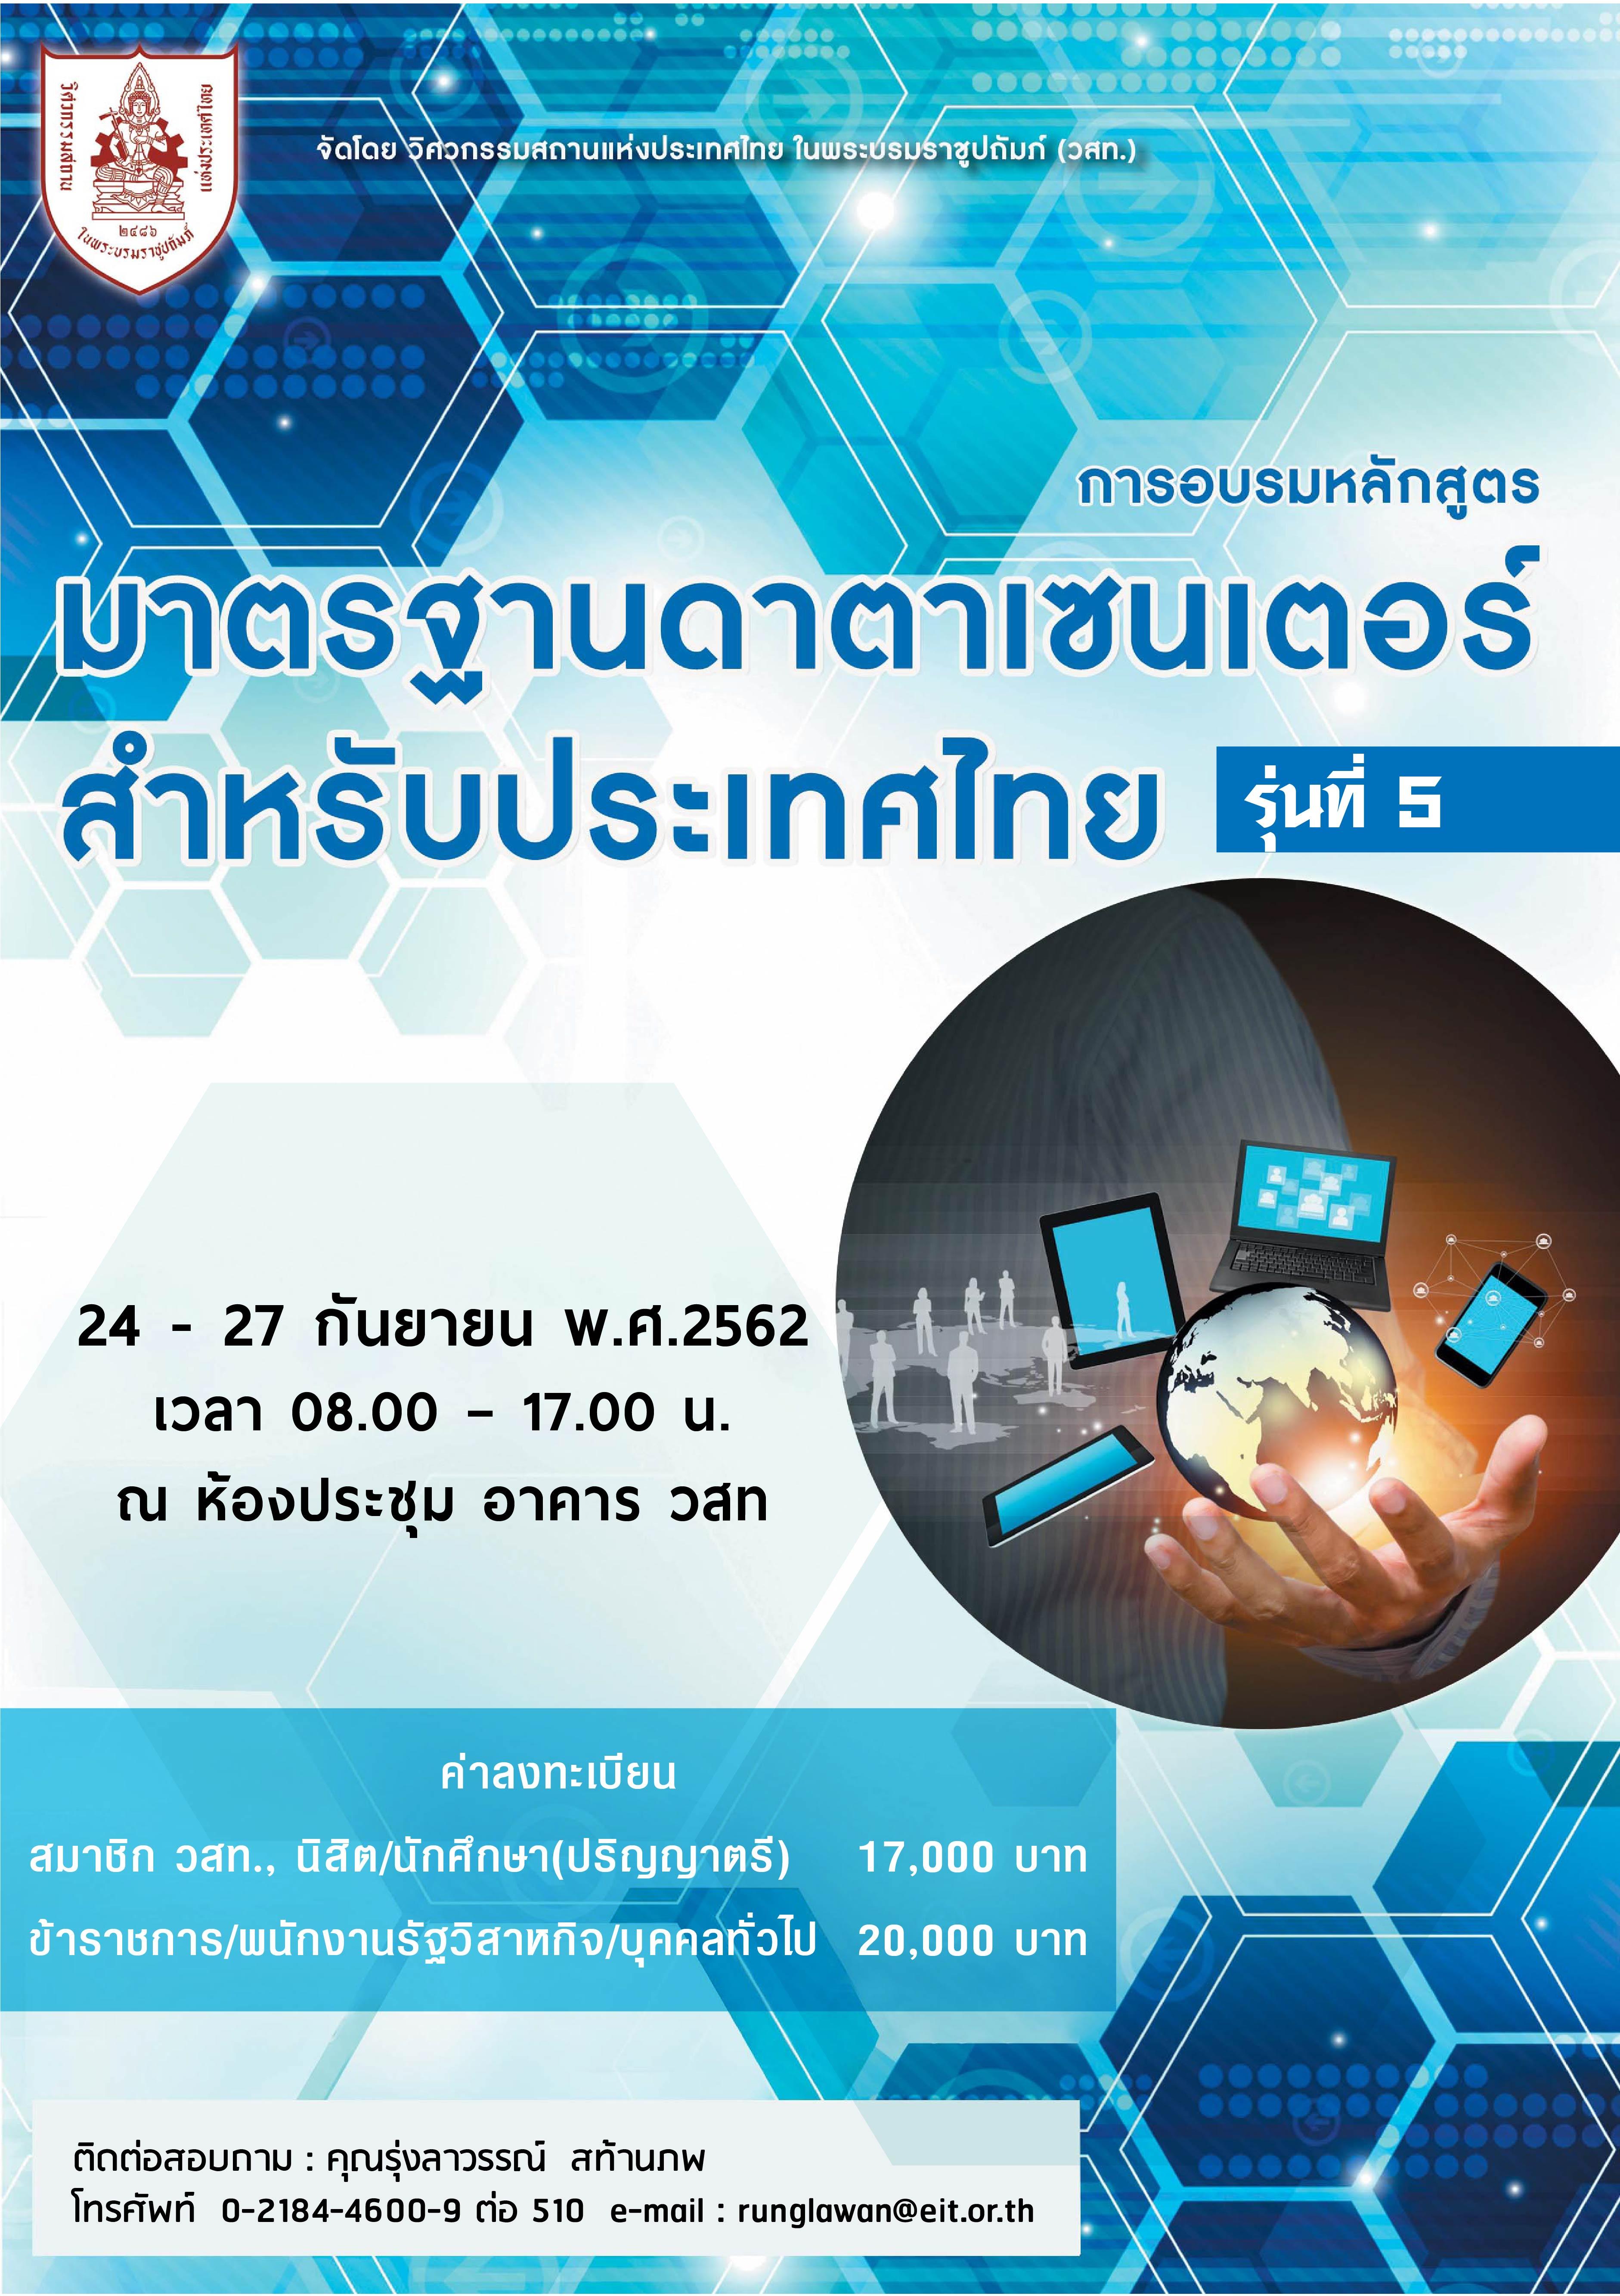 24-27/09/2562 การอบรมหลักสูตร มาตรฐานดาตาเซนเตอร์สำหรับประเทศไทย รุ่นที่ 5